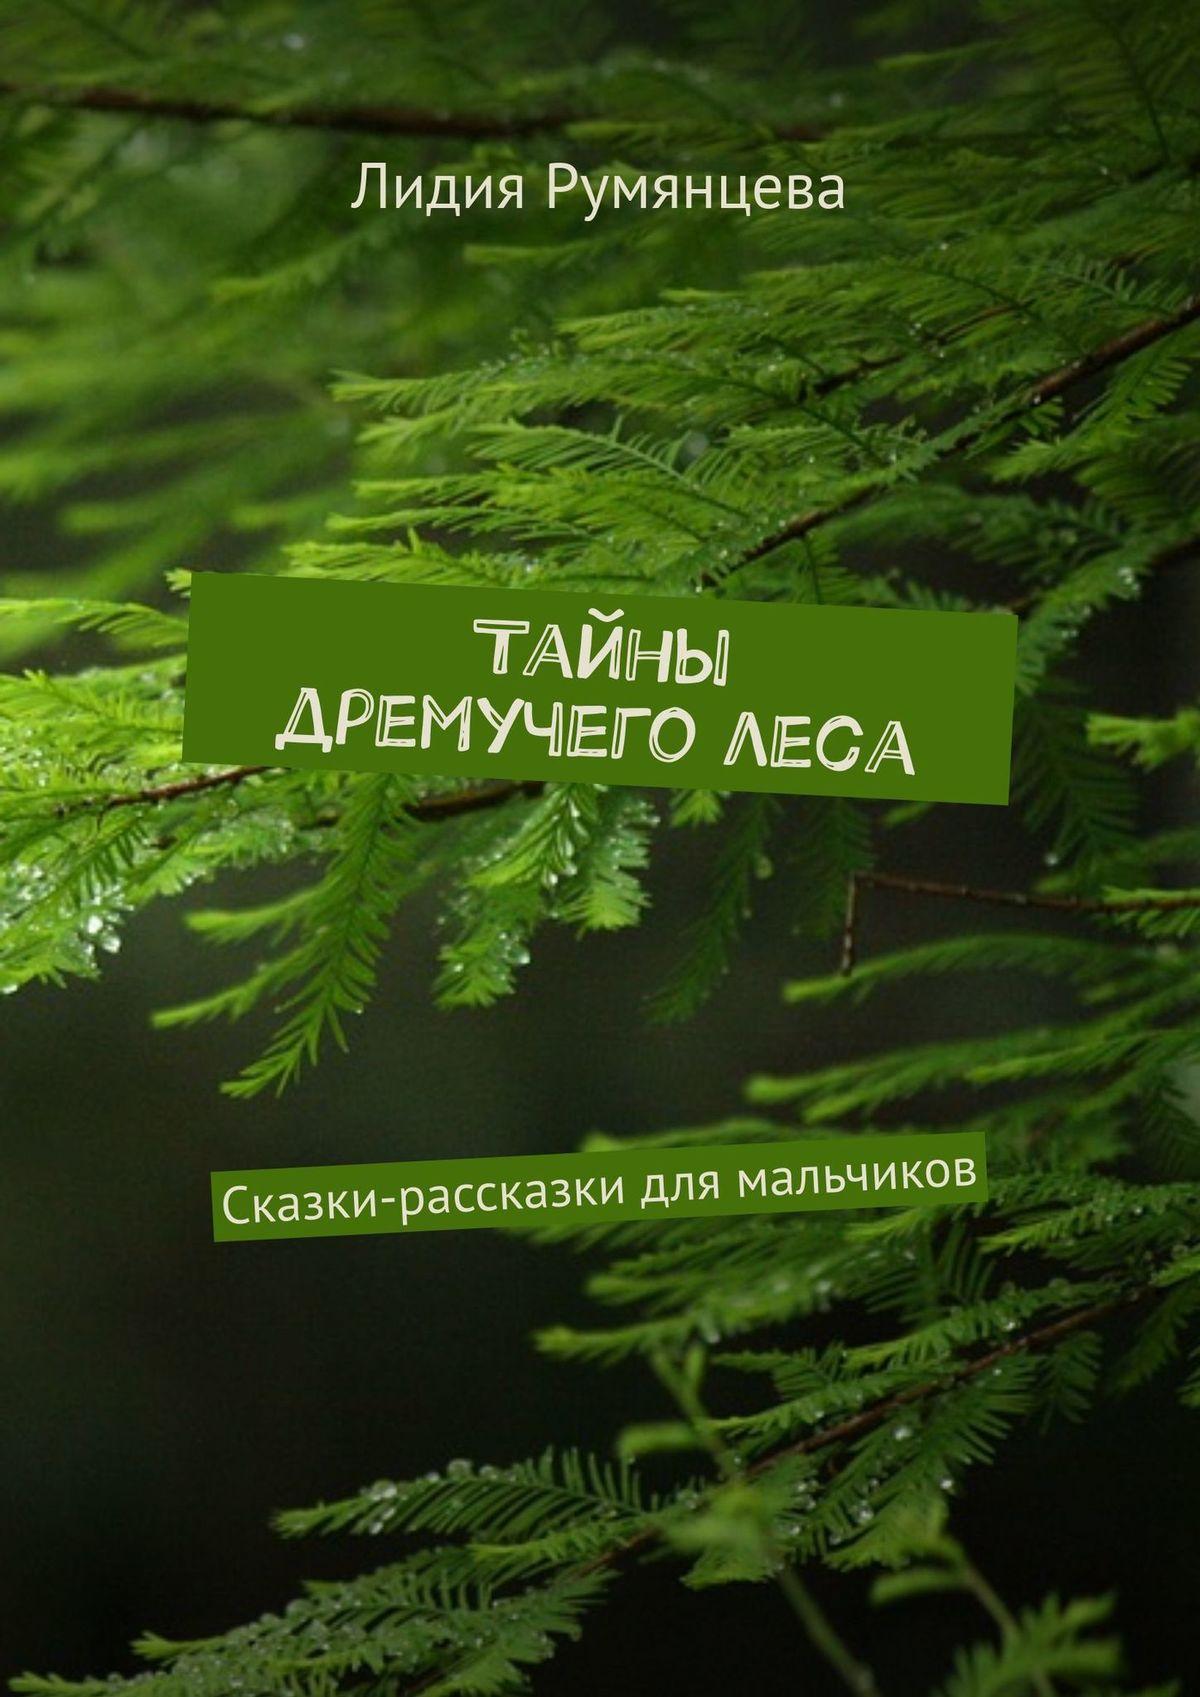 Лидия Румянцева Тайны дремучего леса. Сказки для мальчиков